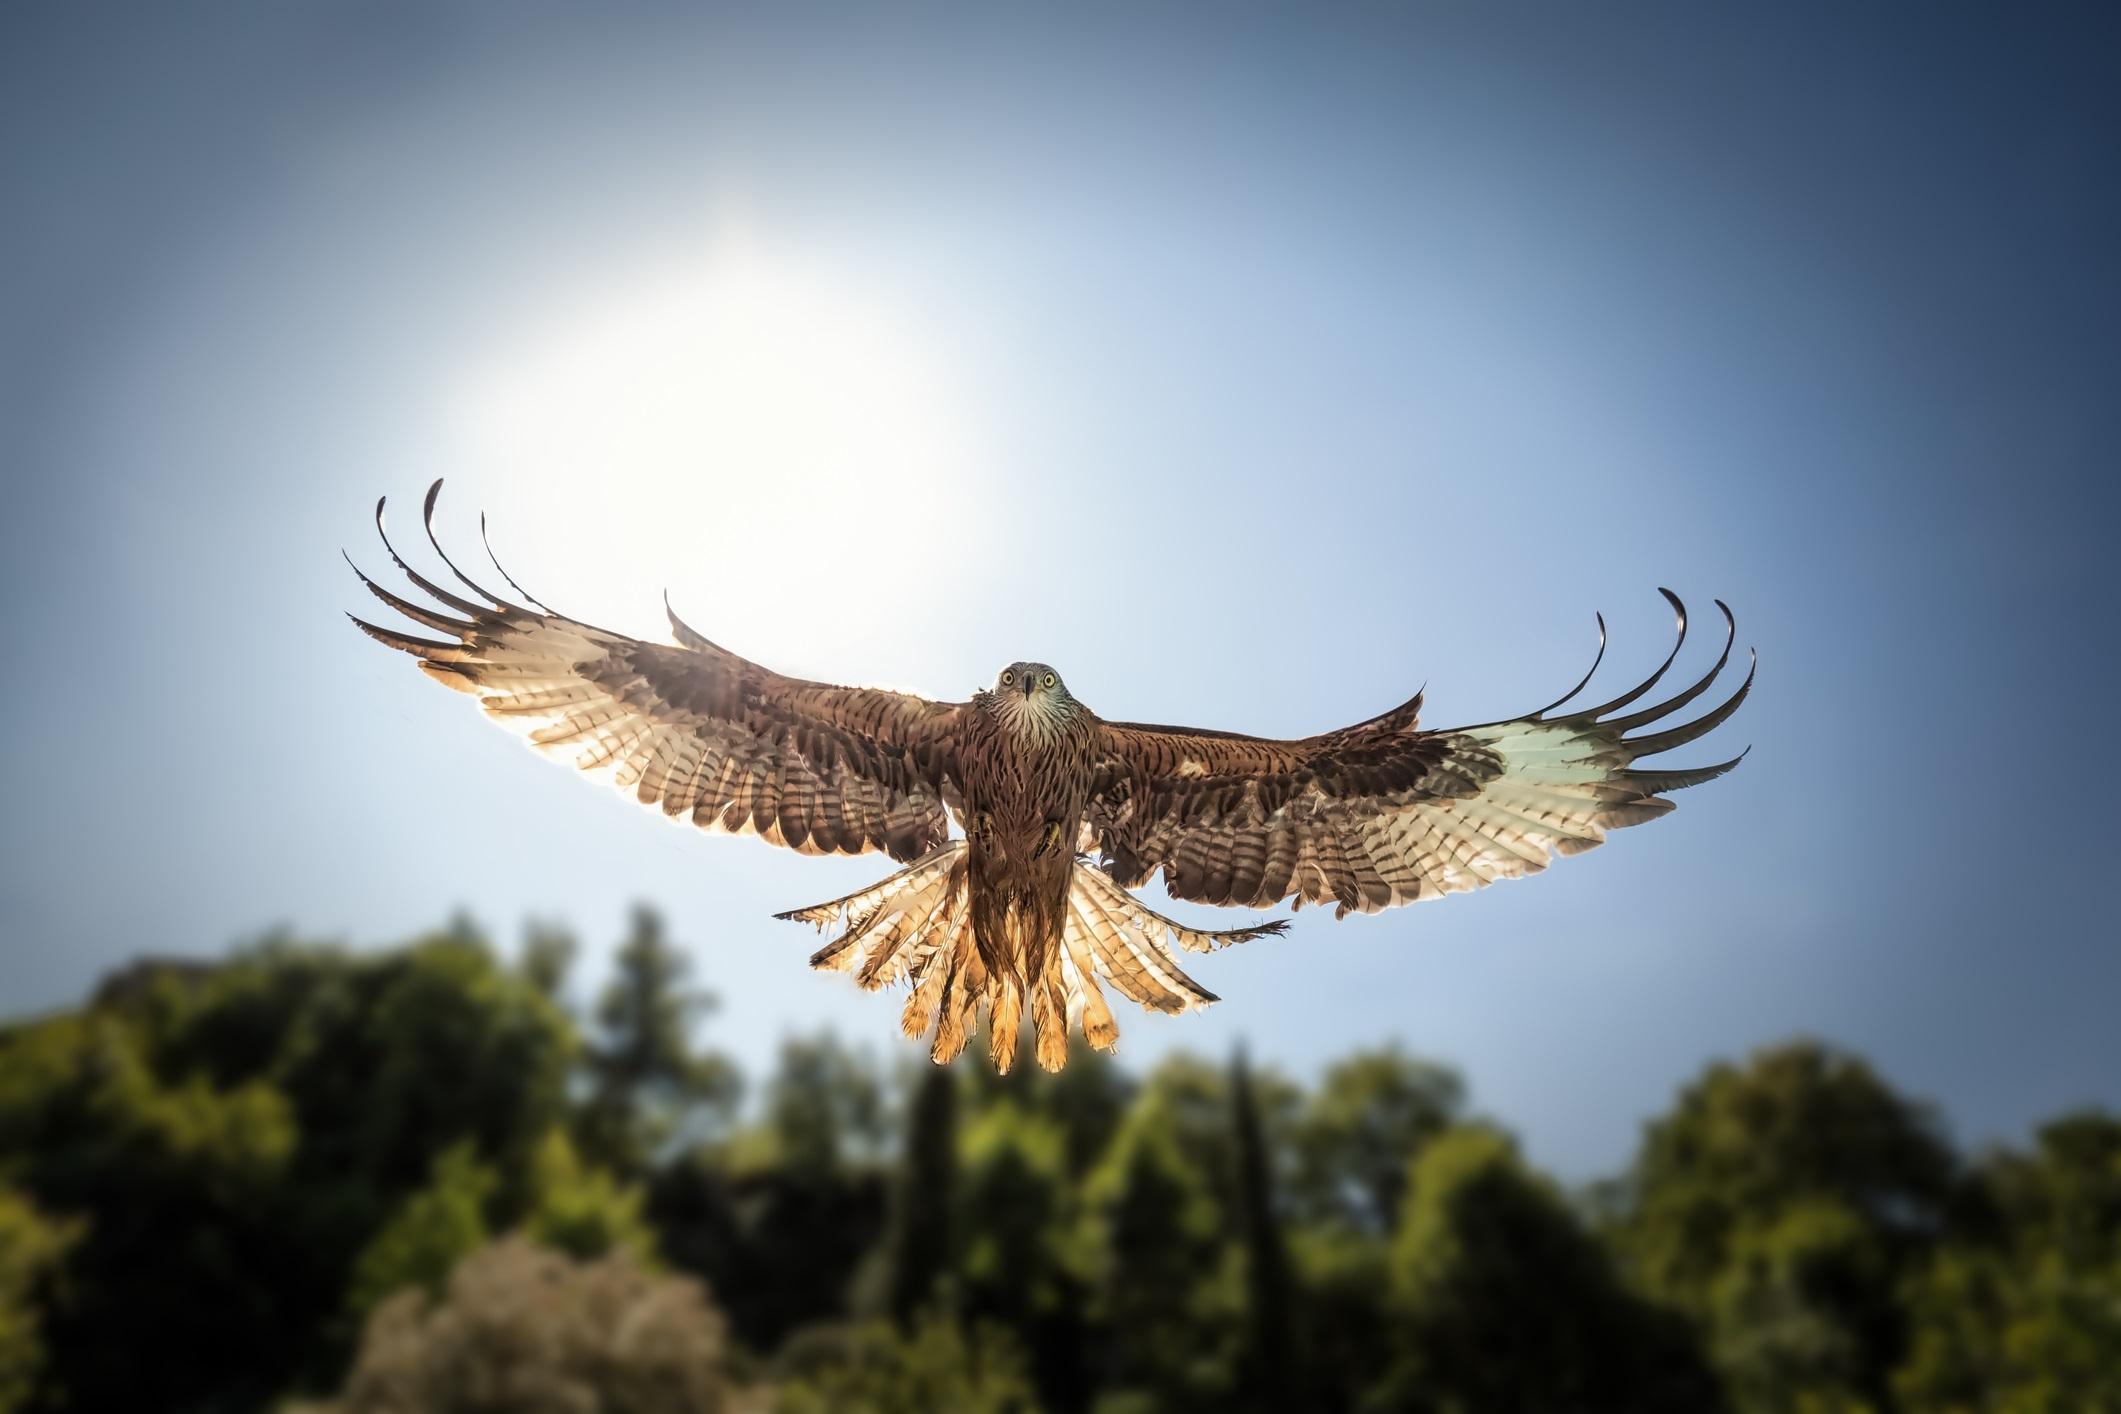 """Отравянето на тази птица обаче може да доведе до забавяне на темпа на възстановяване на популацията. Червената каня често се е срещала в градовете в средновековието, а Шекспир нарича Лондон """"град на червени каня и гарвани"""", преди тези птици да бъдат унищожени за няколко стотин години напред."""